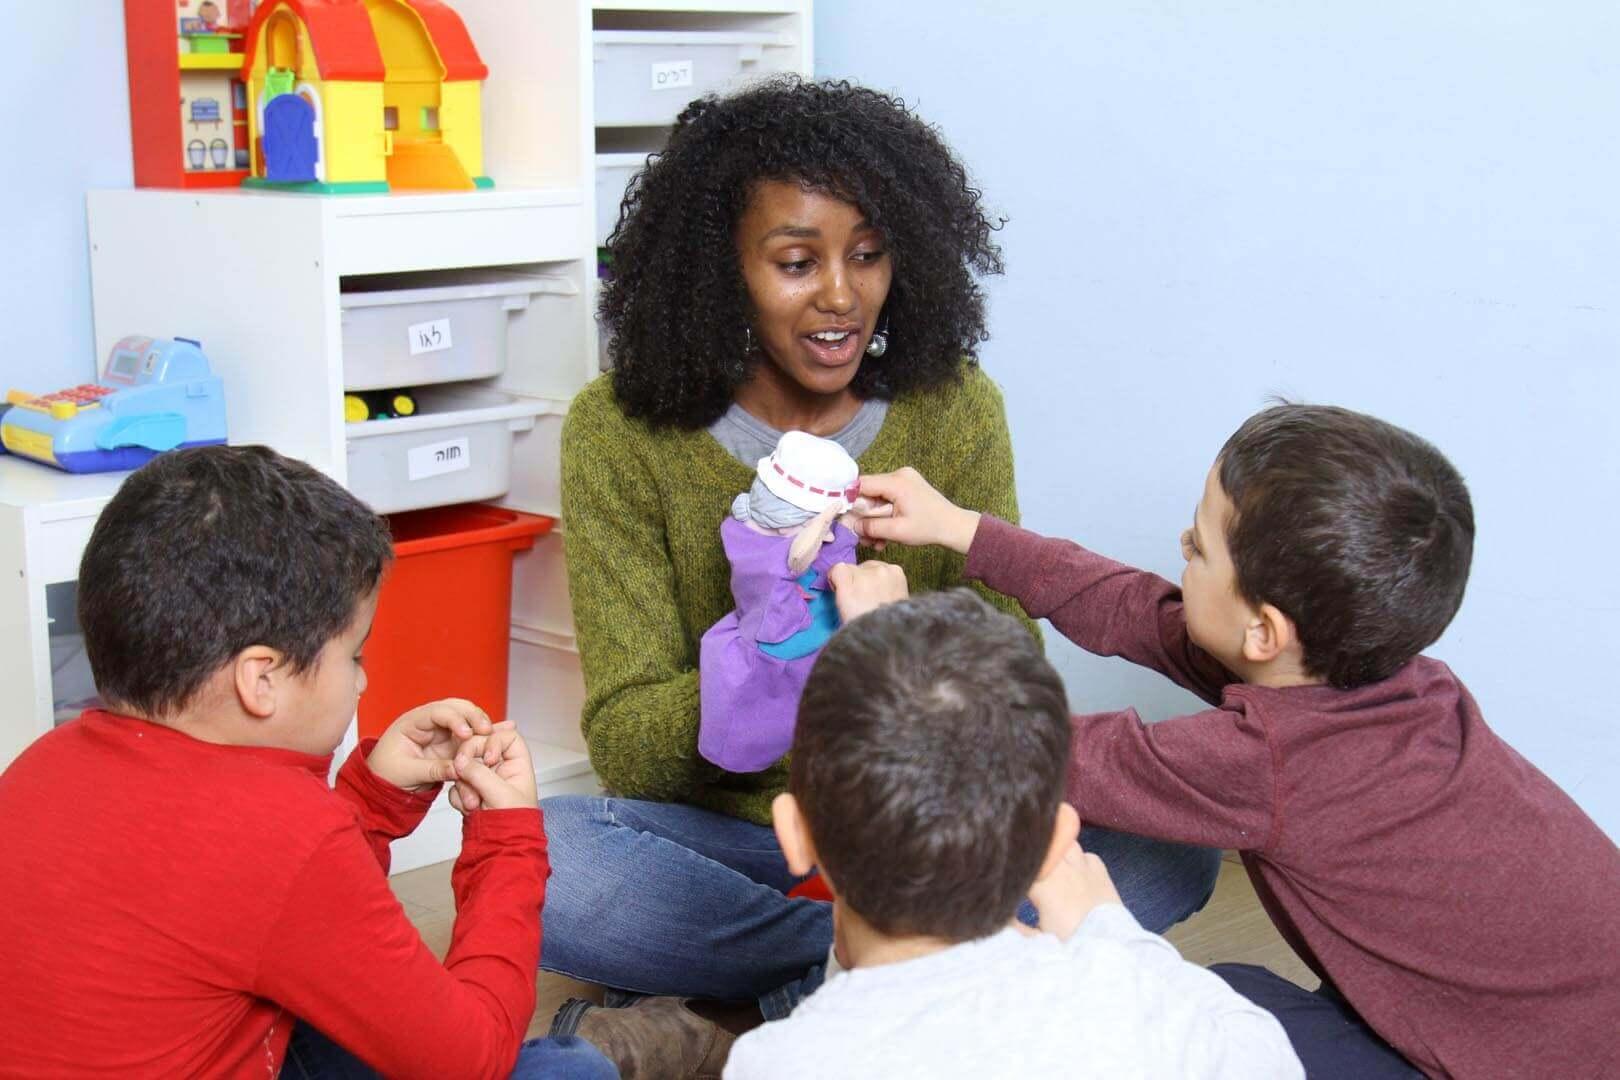 טיפול התנהגותי לילדים בגיל הרך